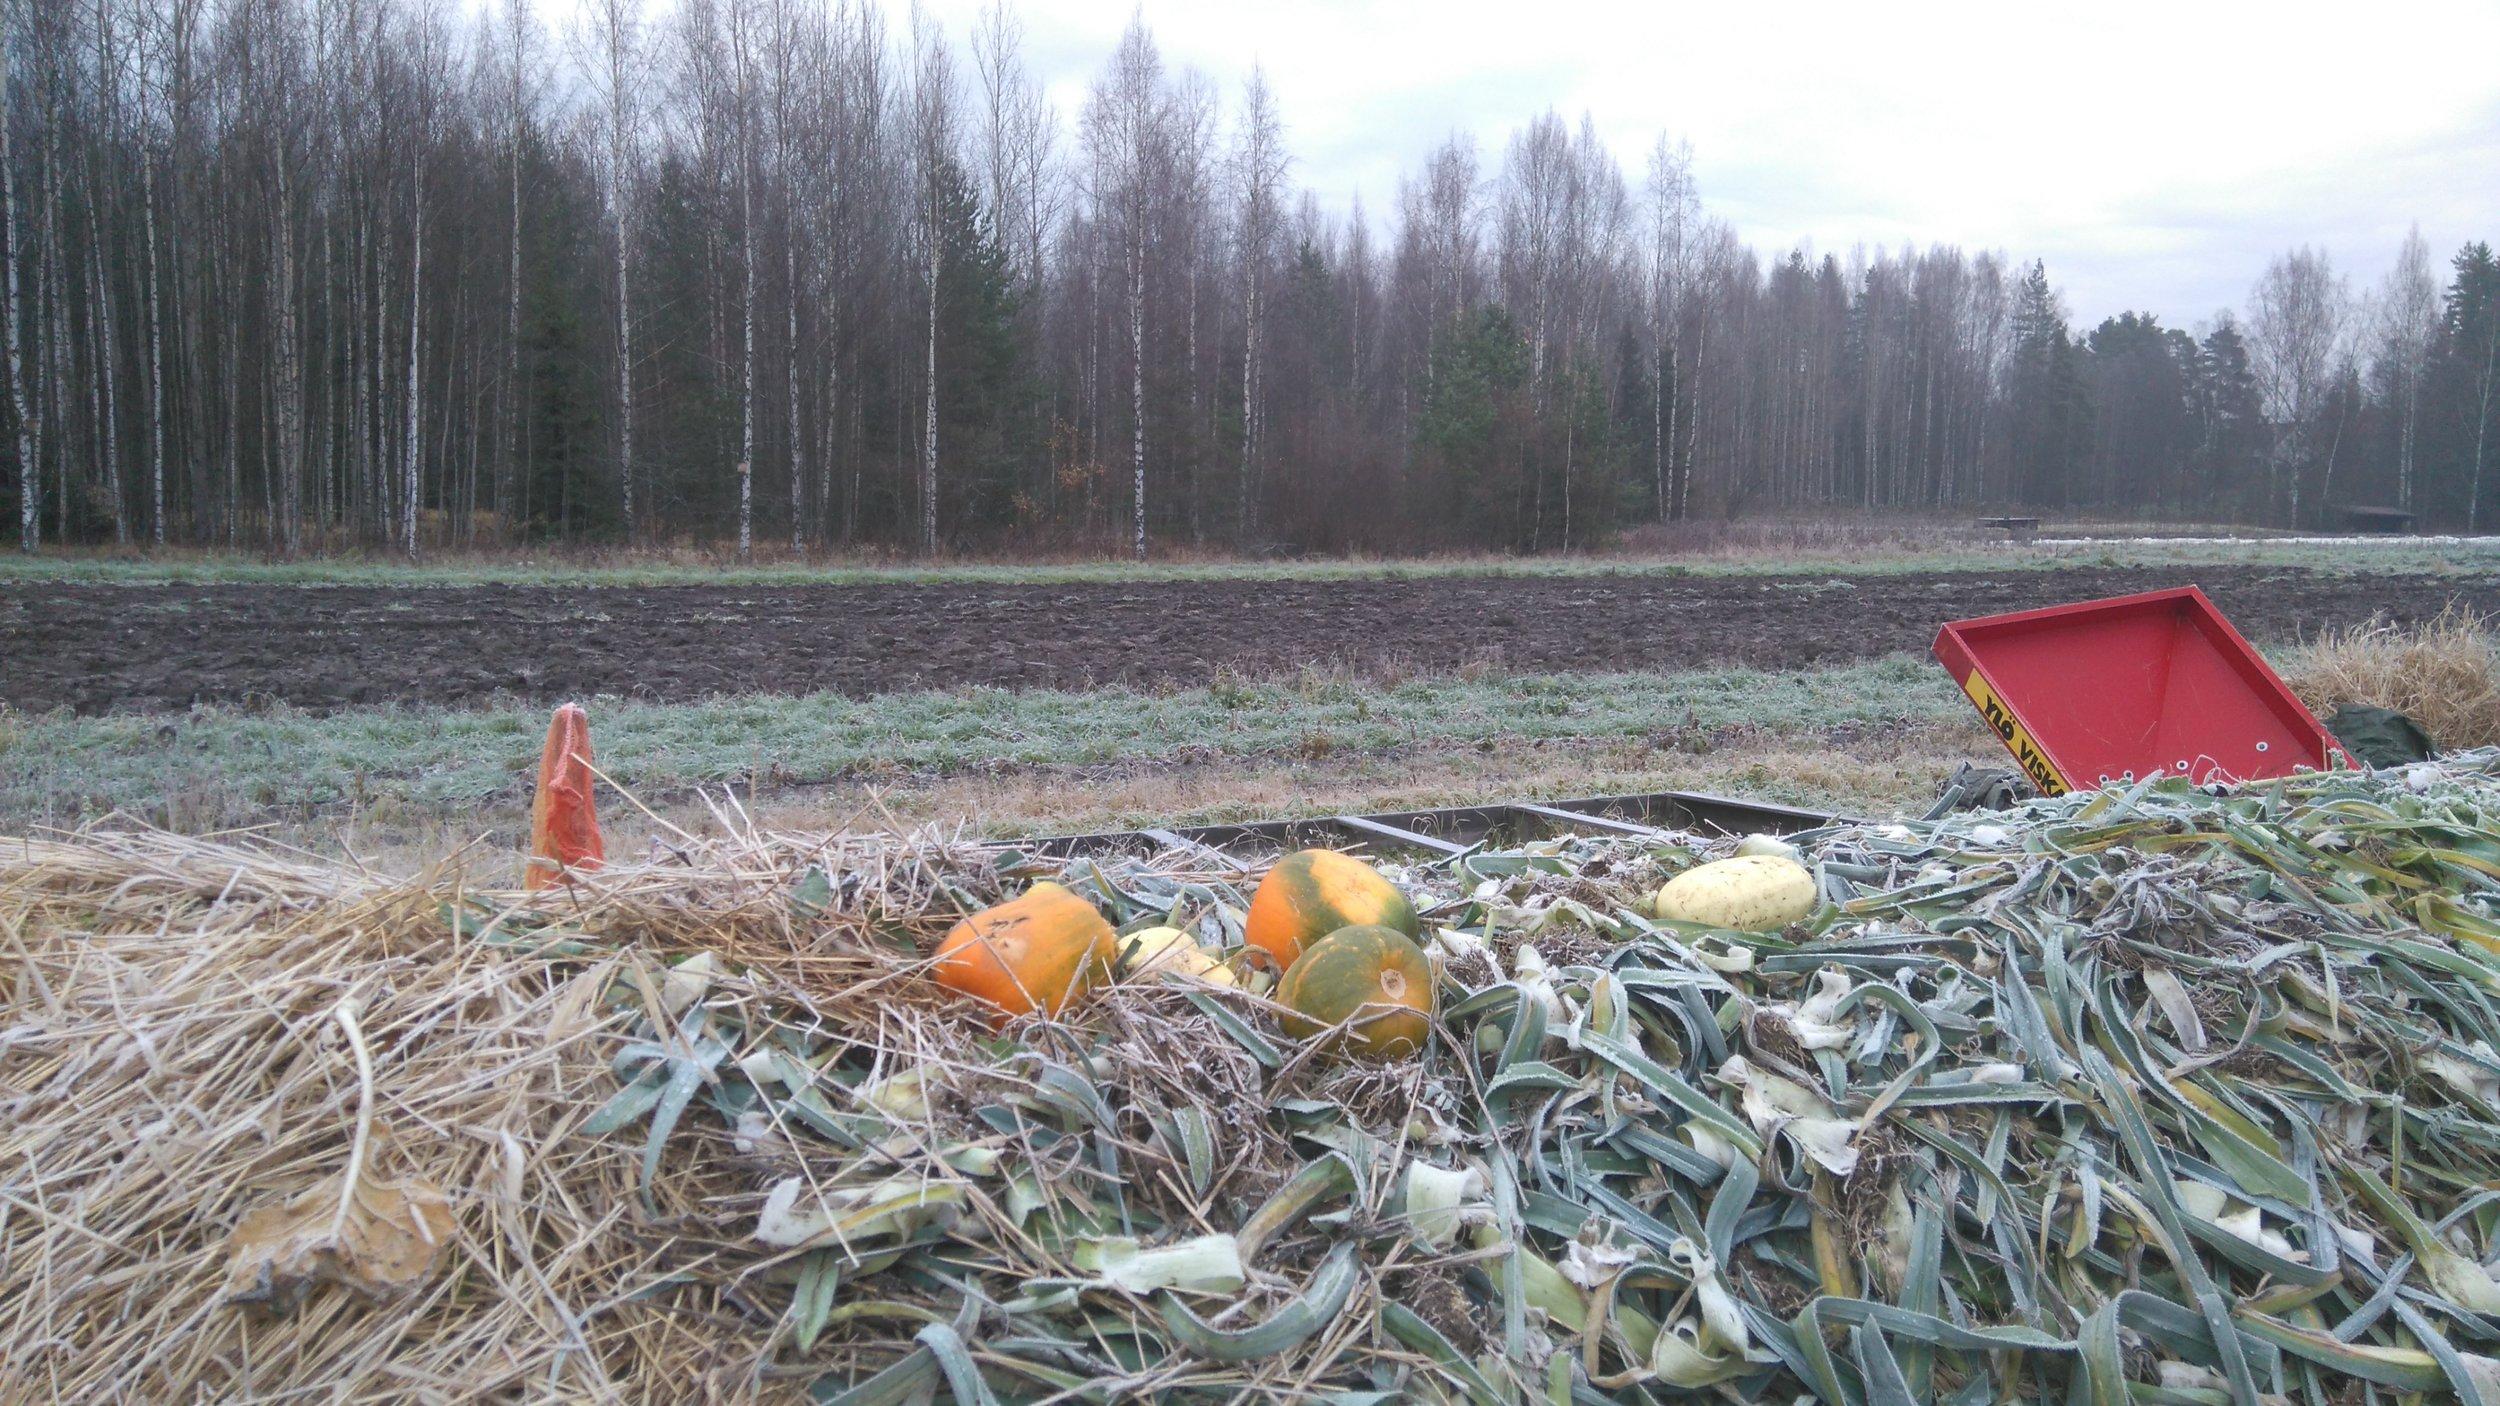 Komposti & Omapelto